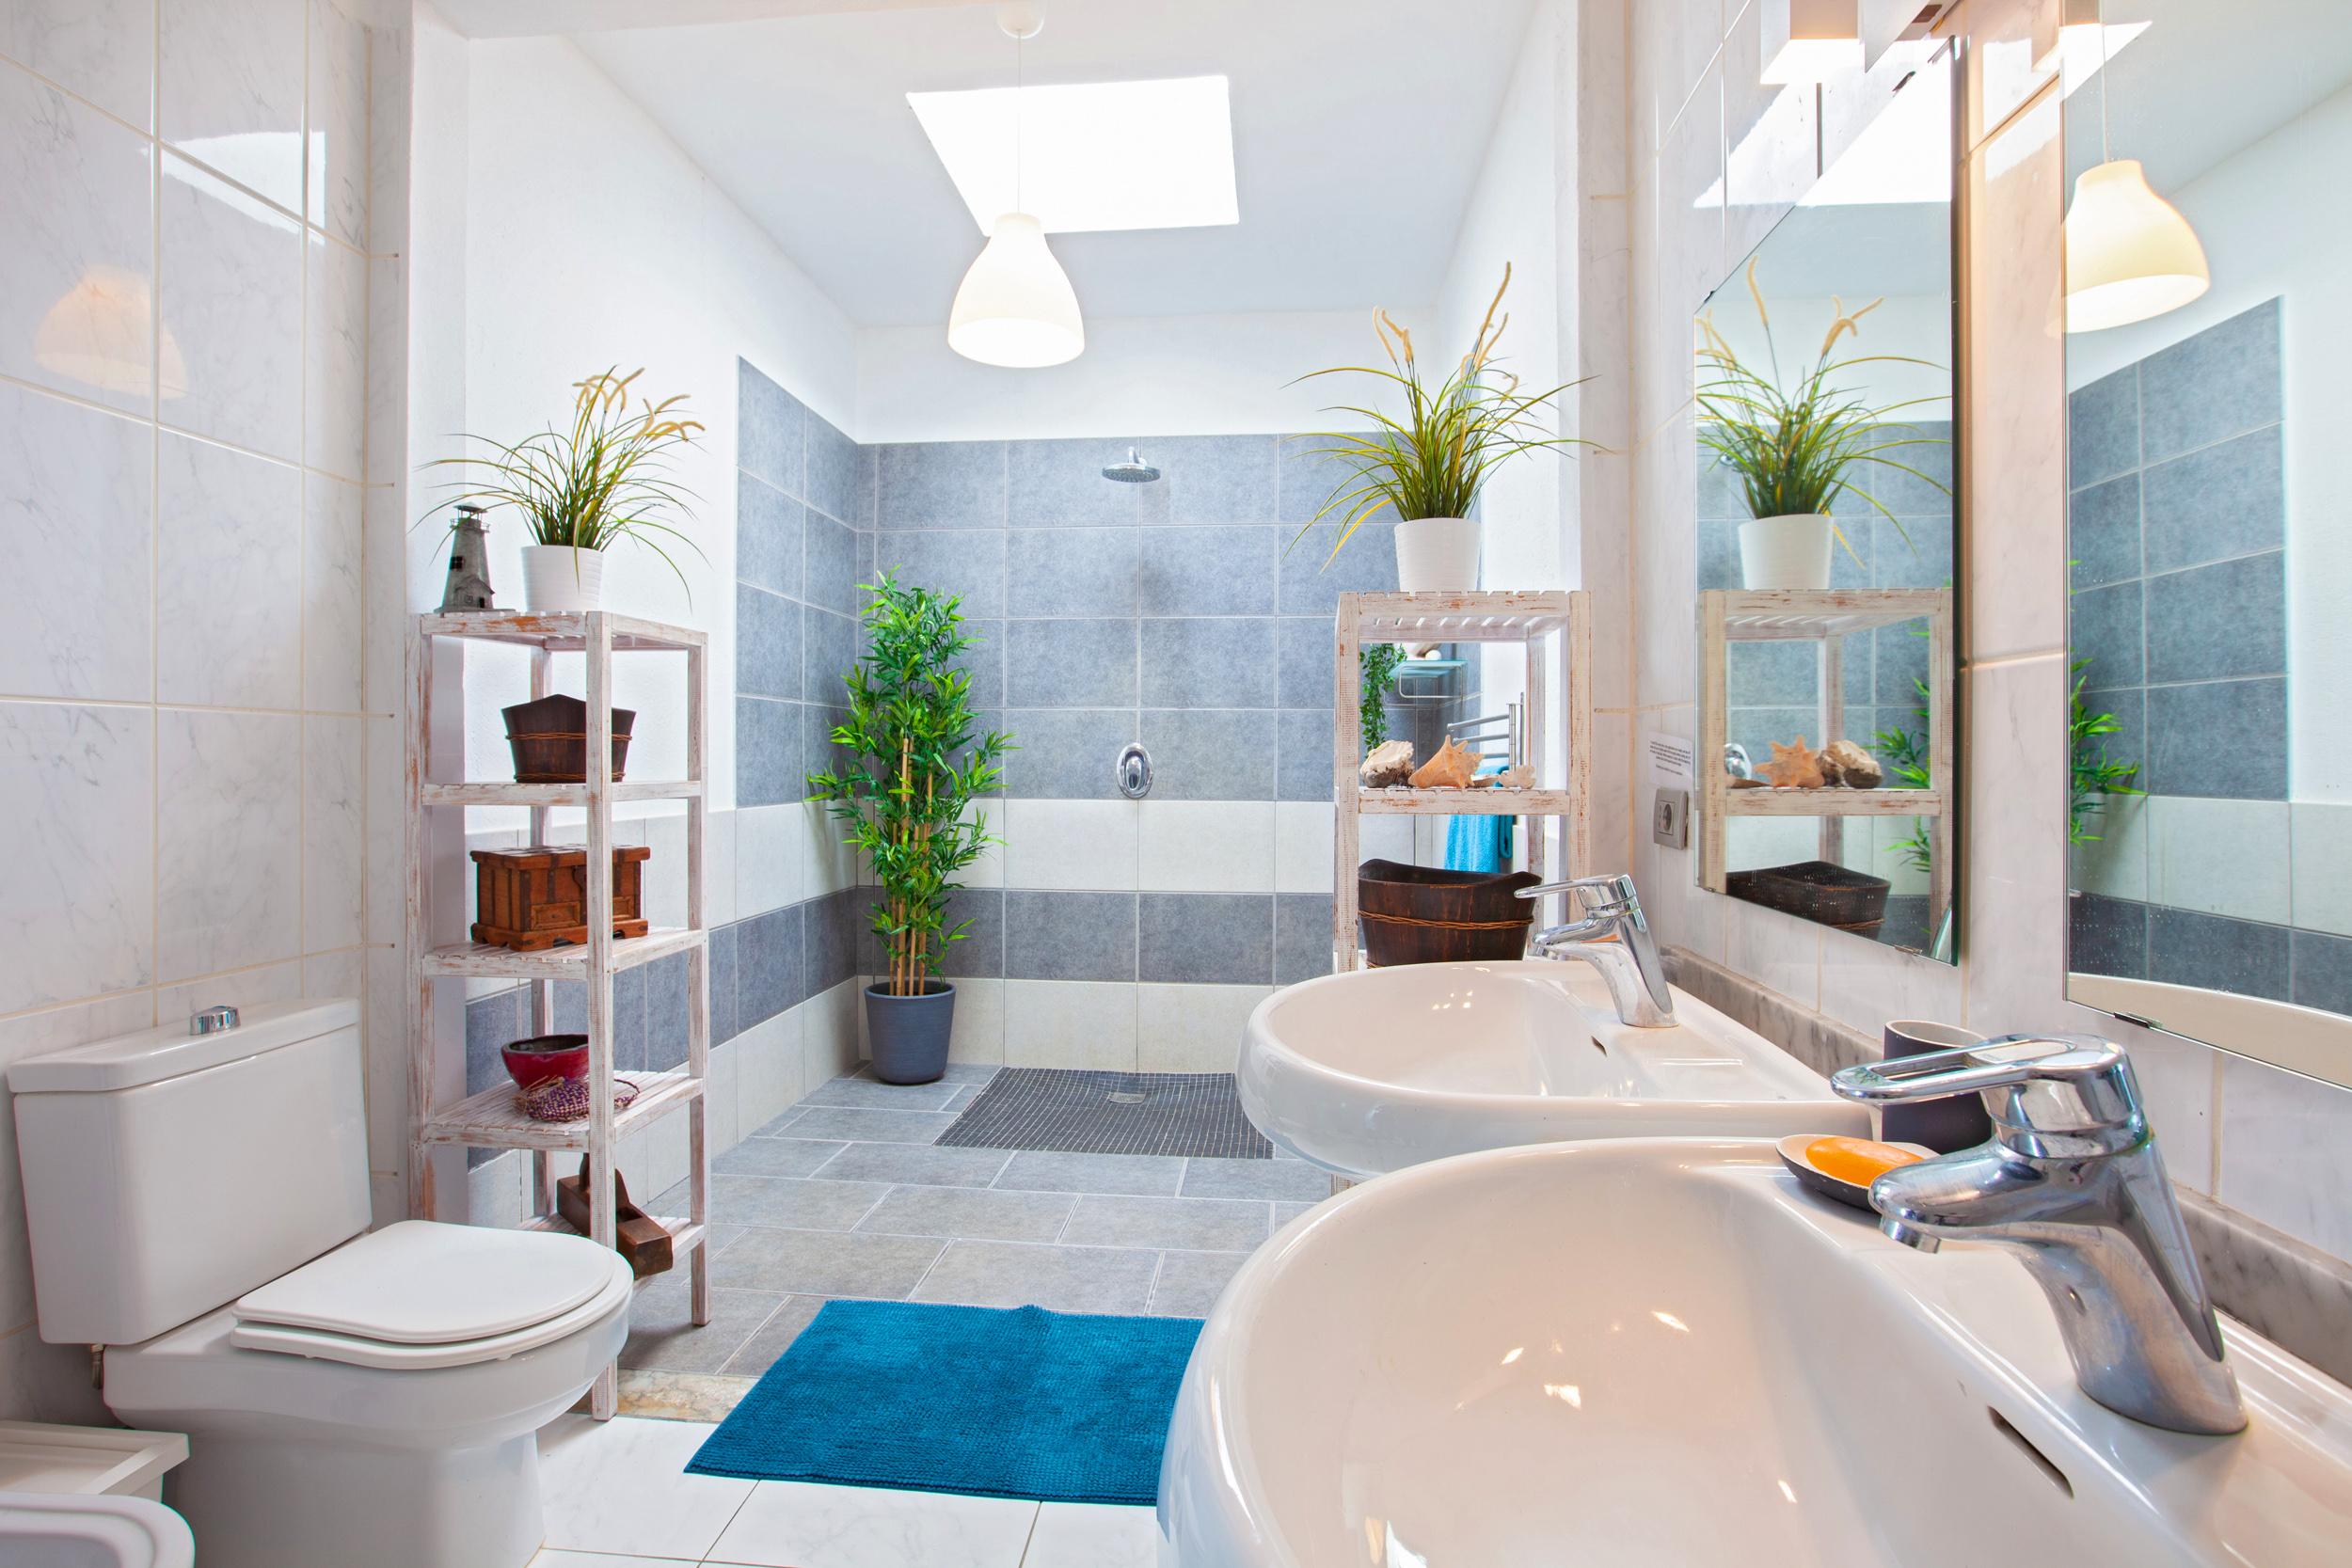 LVC198416 Shower room